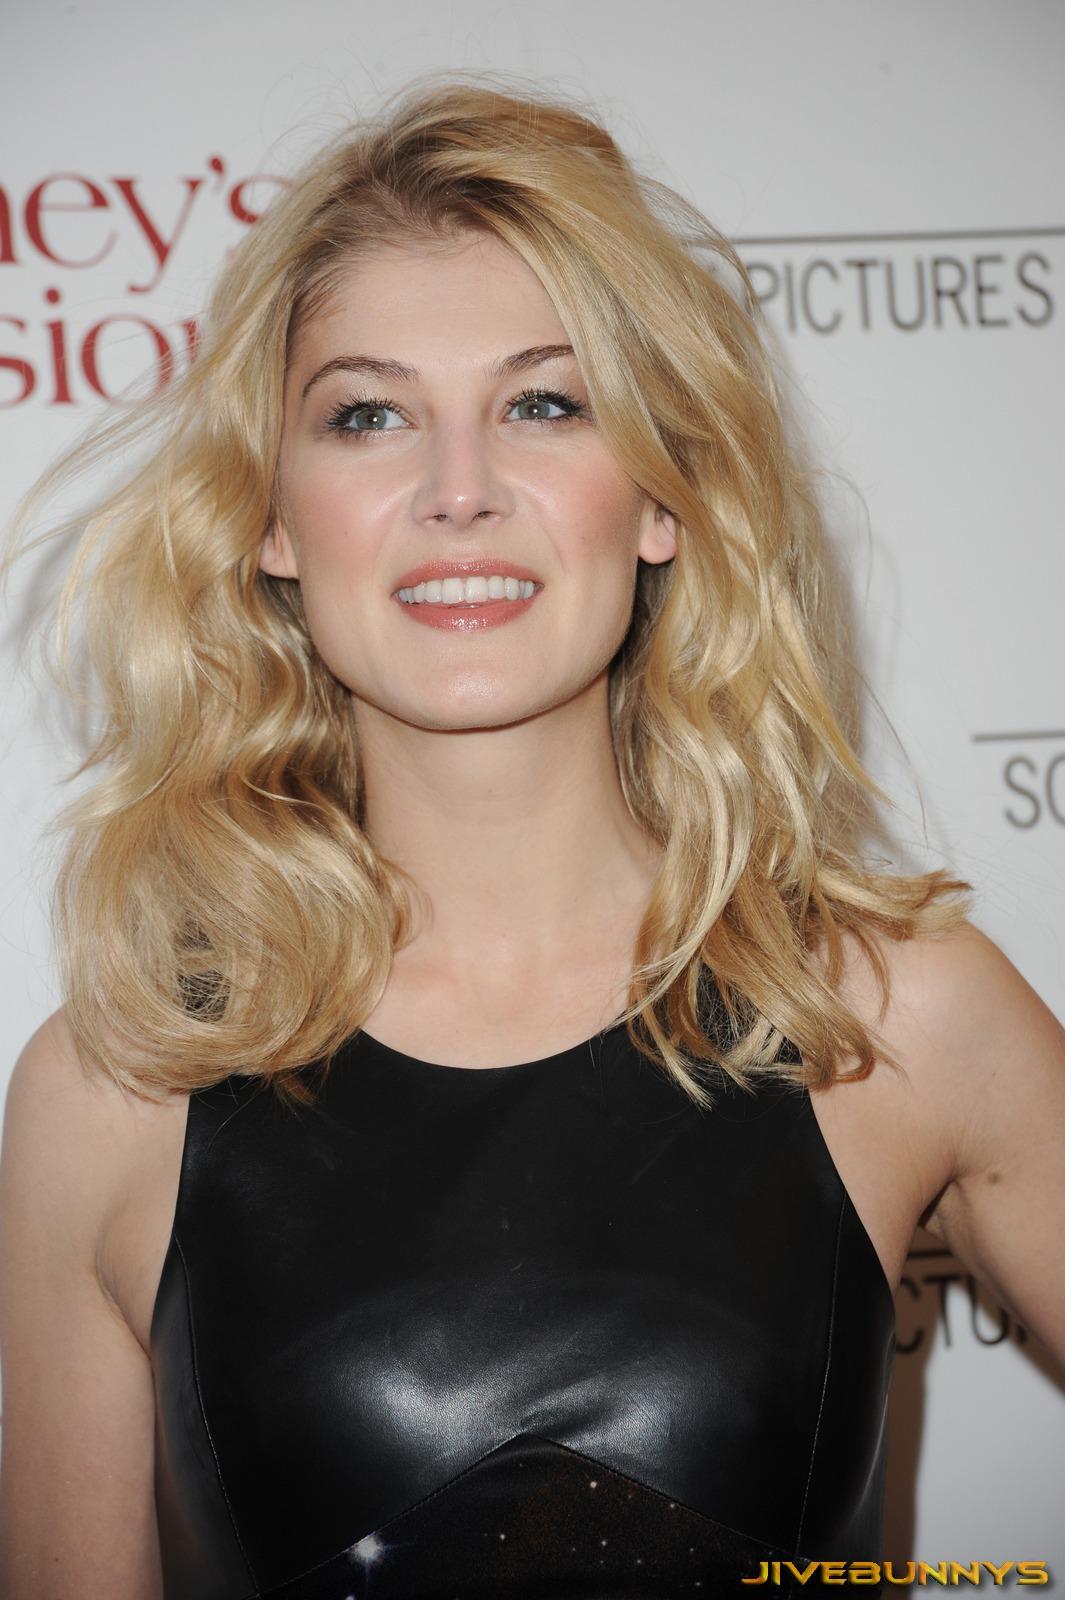 Female celebrity birthday